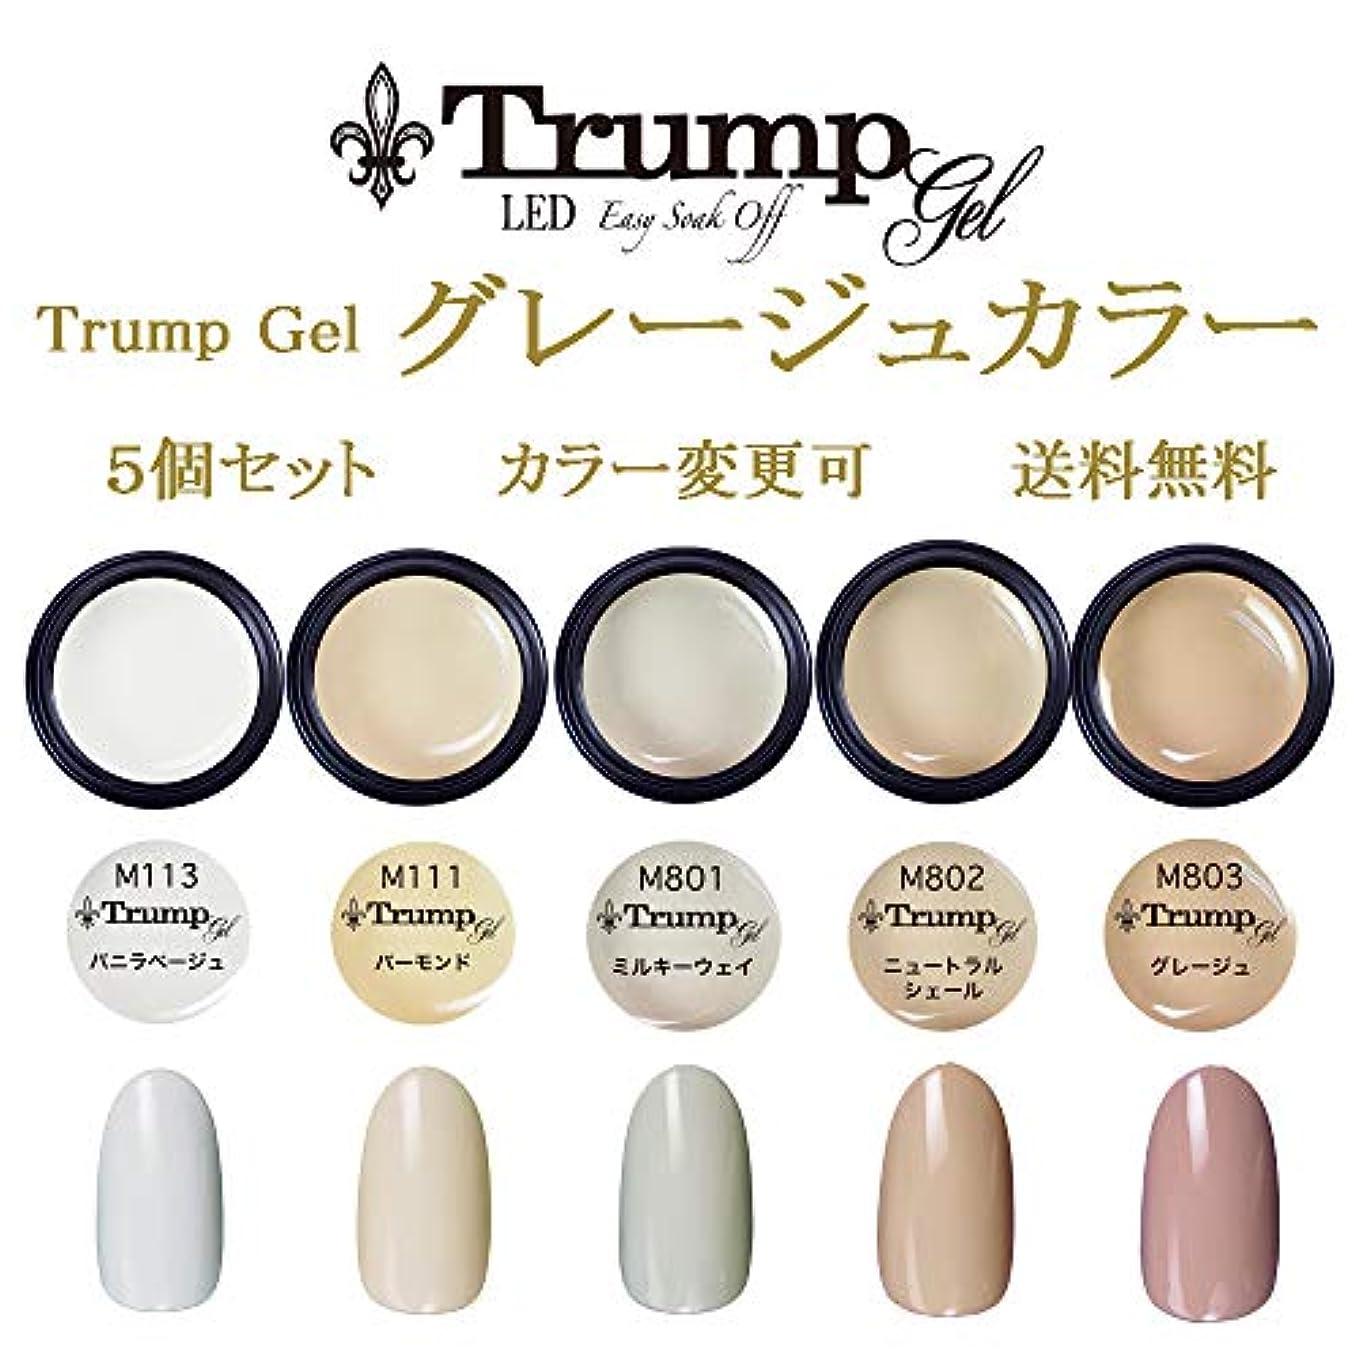 バルコニーリング乗算日本製 Trump gel トランプジェル グレージュカラー 選べる カラージェル 5個セット ホワイト ベージュ ピンク スモーク